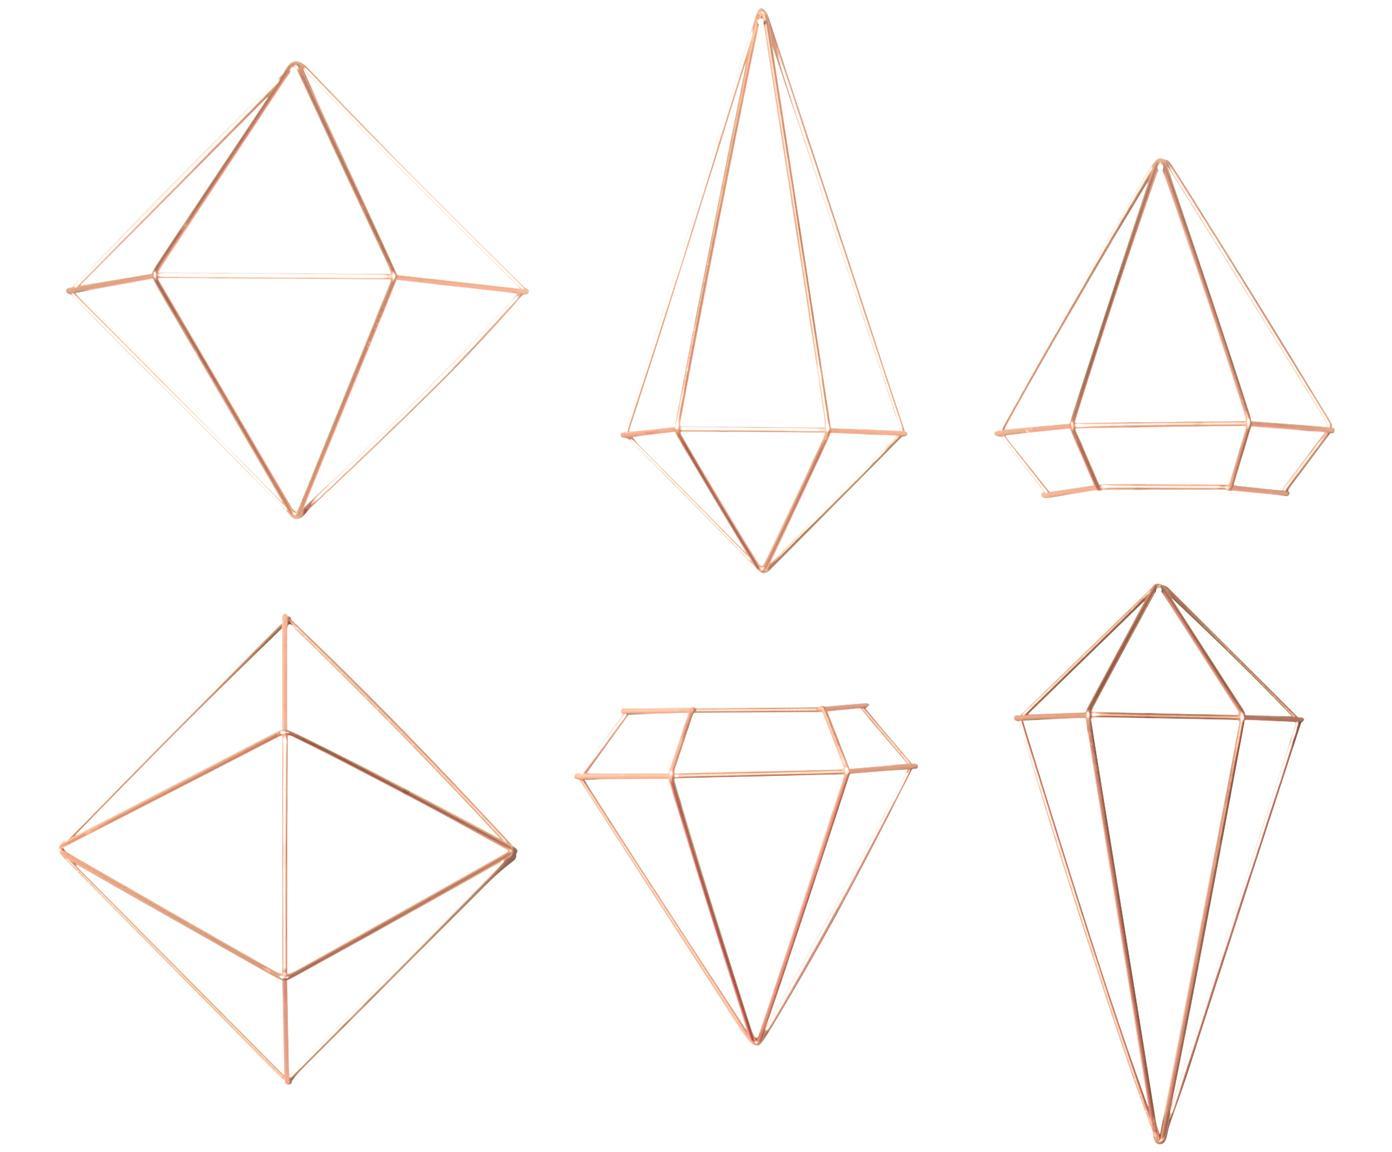 Wandobjectenset Prisma van gelakt metaal, 6-delig, Gelakt metaal, Koperkleurig, Verschillende formaten